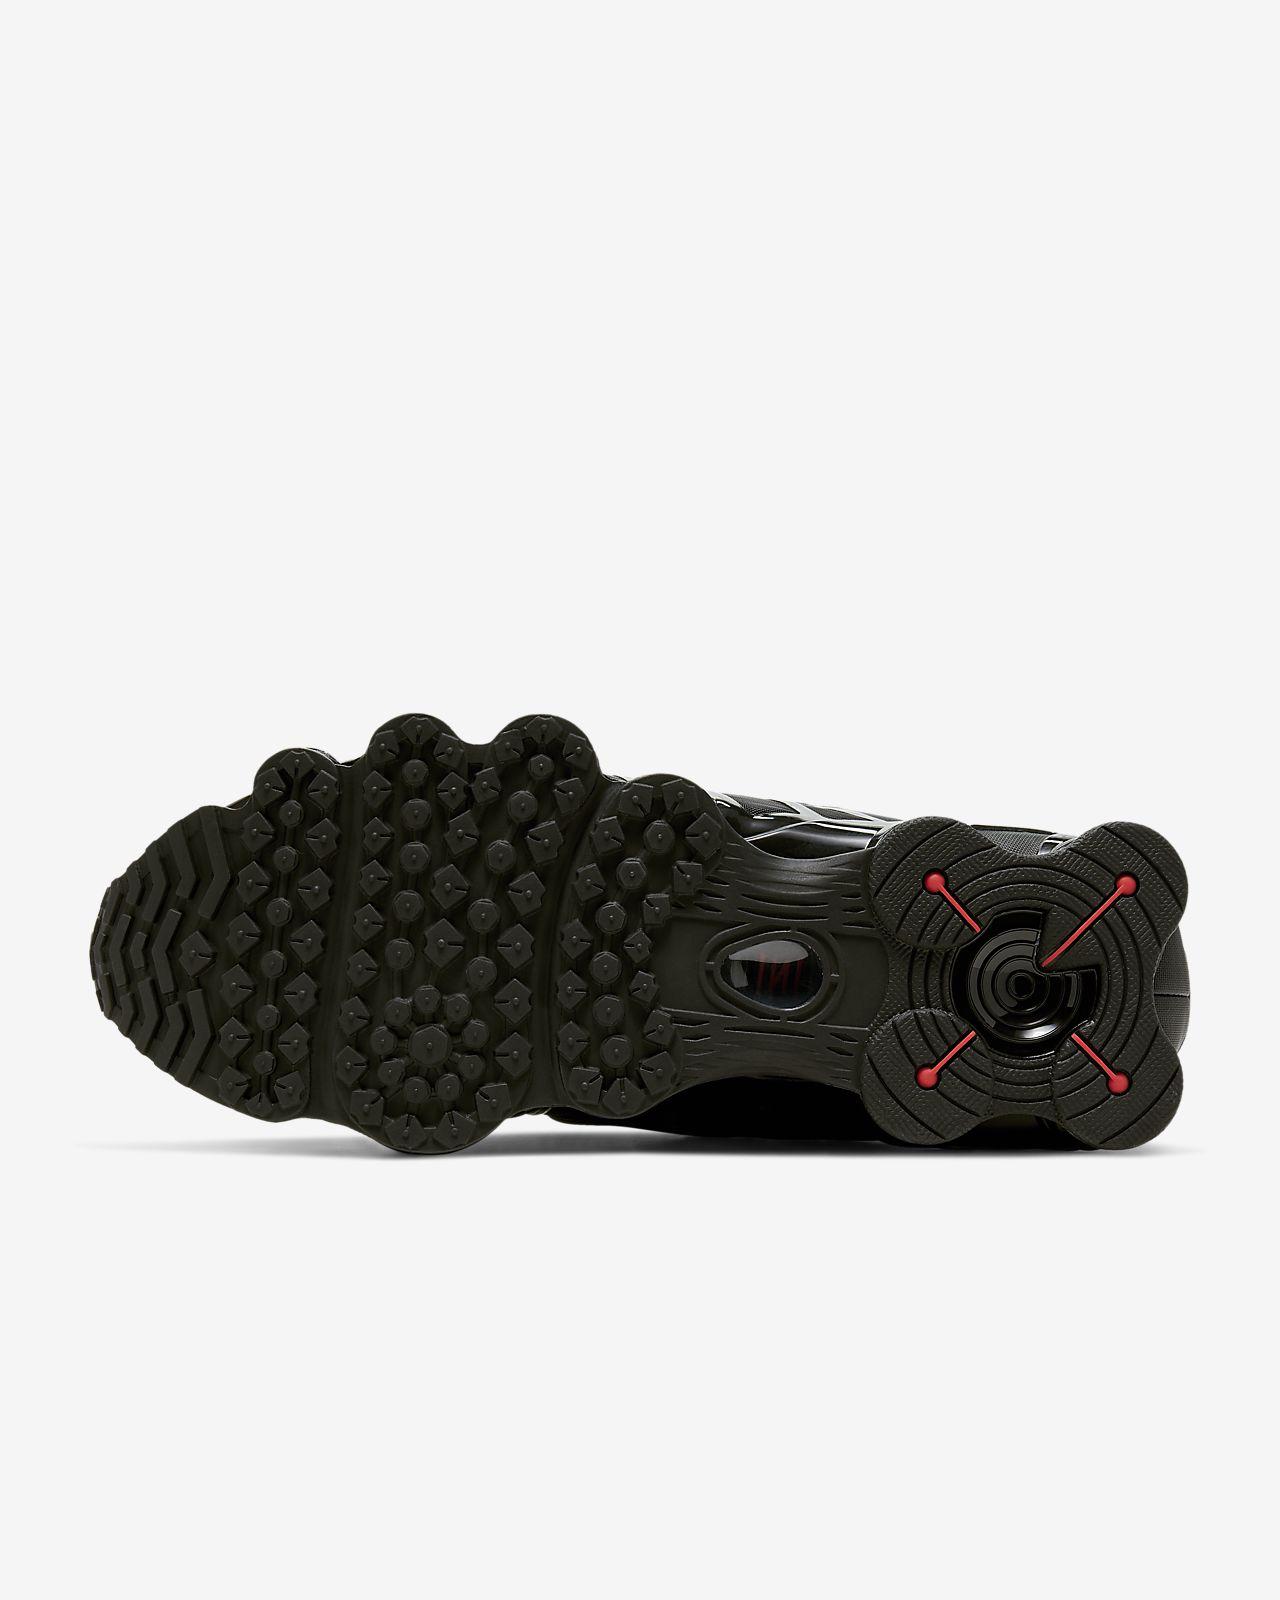 pas cher pour réduction 15b7b 82a14 Chaussure Nike Shox TL pour Homme